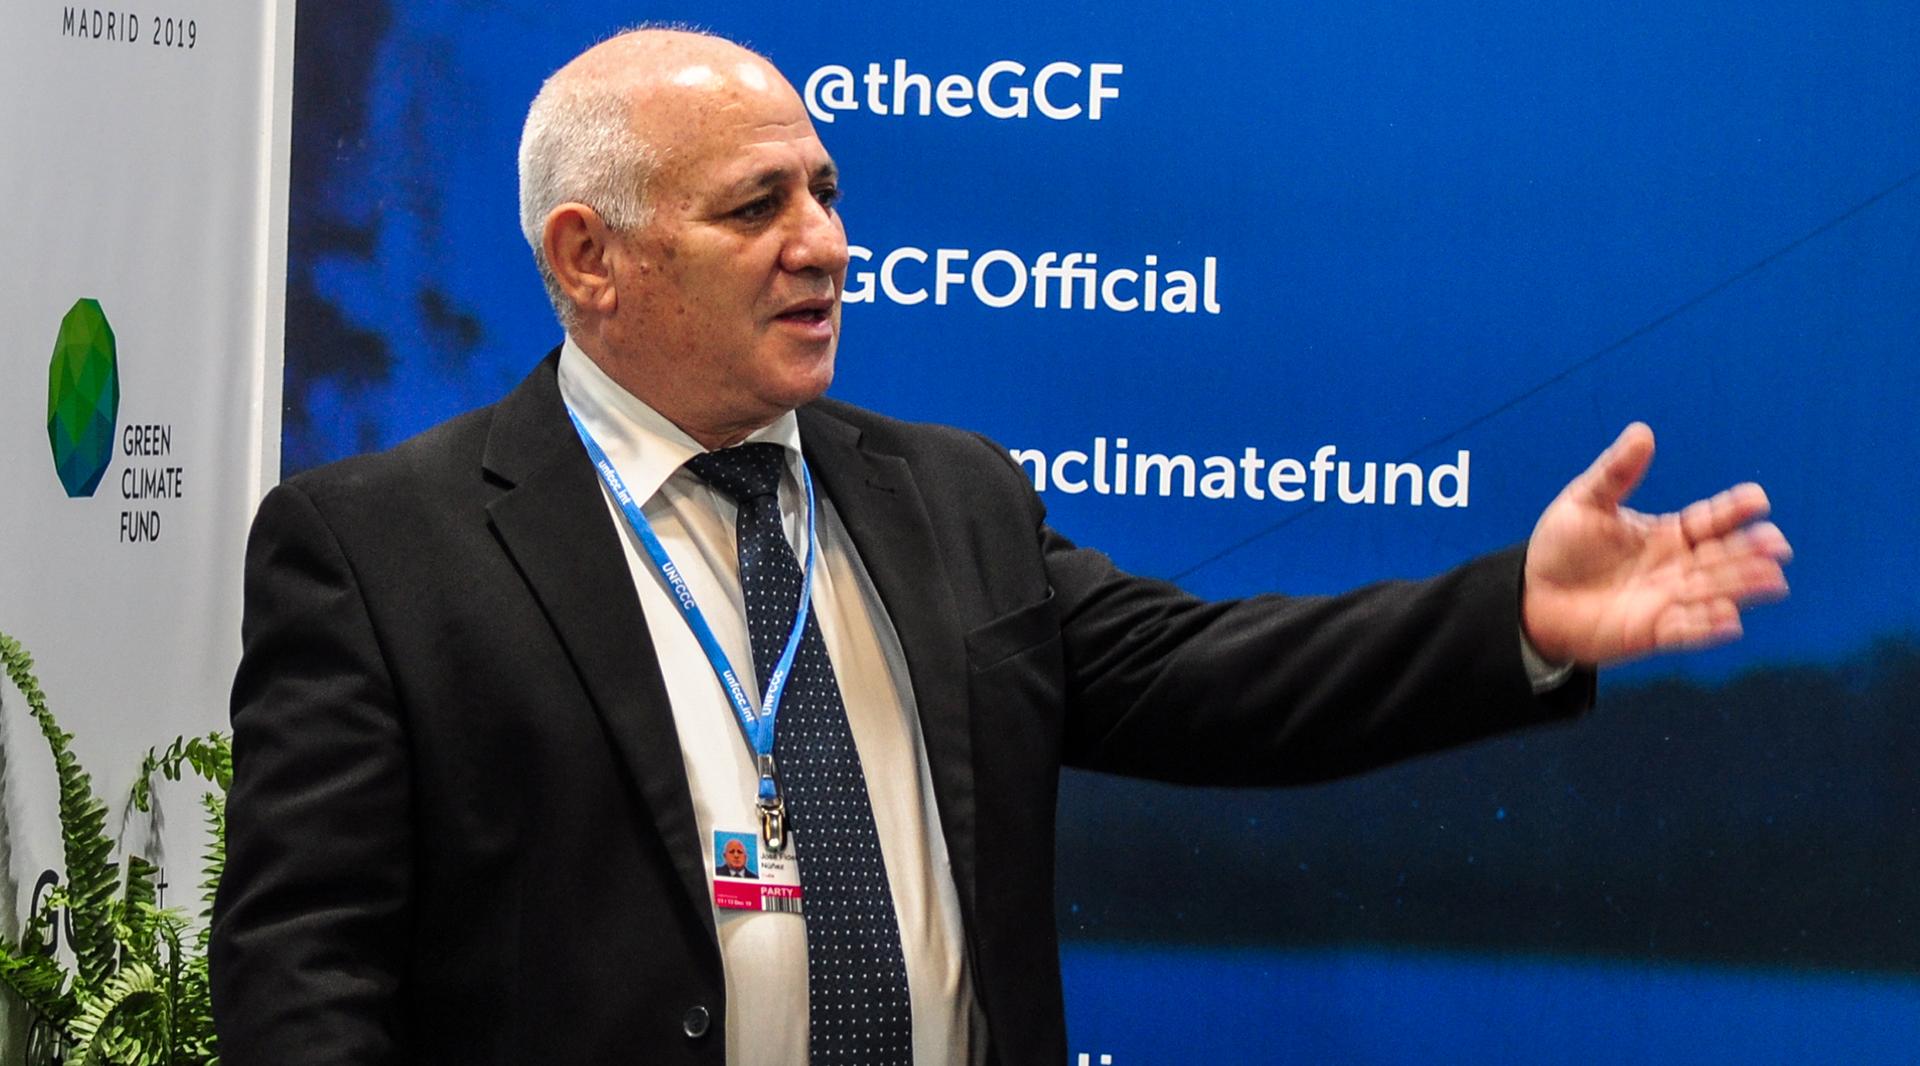 El viceministro Santana, durante su visita al Pabellón del Green Climate Fund durante la COP25. (Foto: Julio Batista).